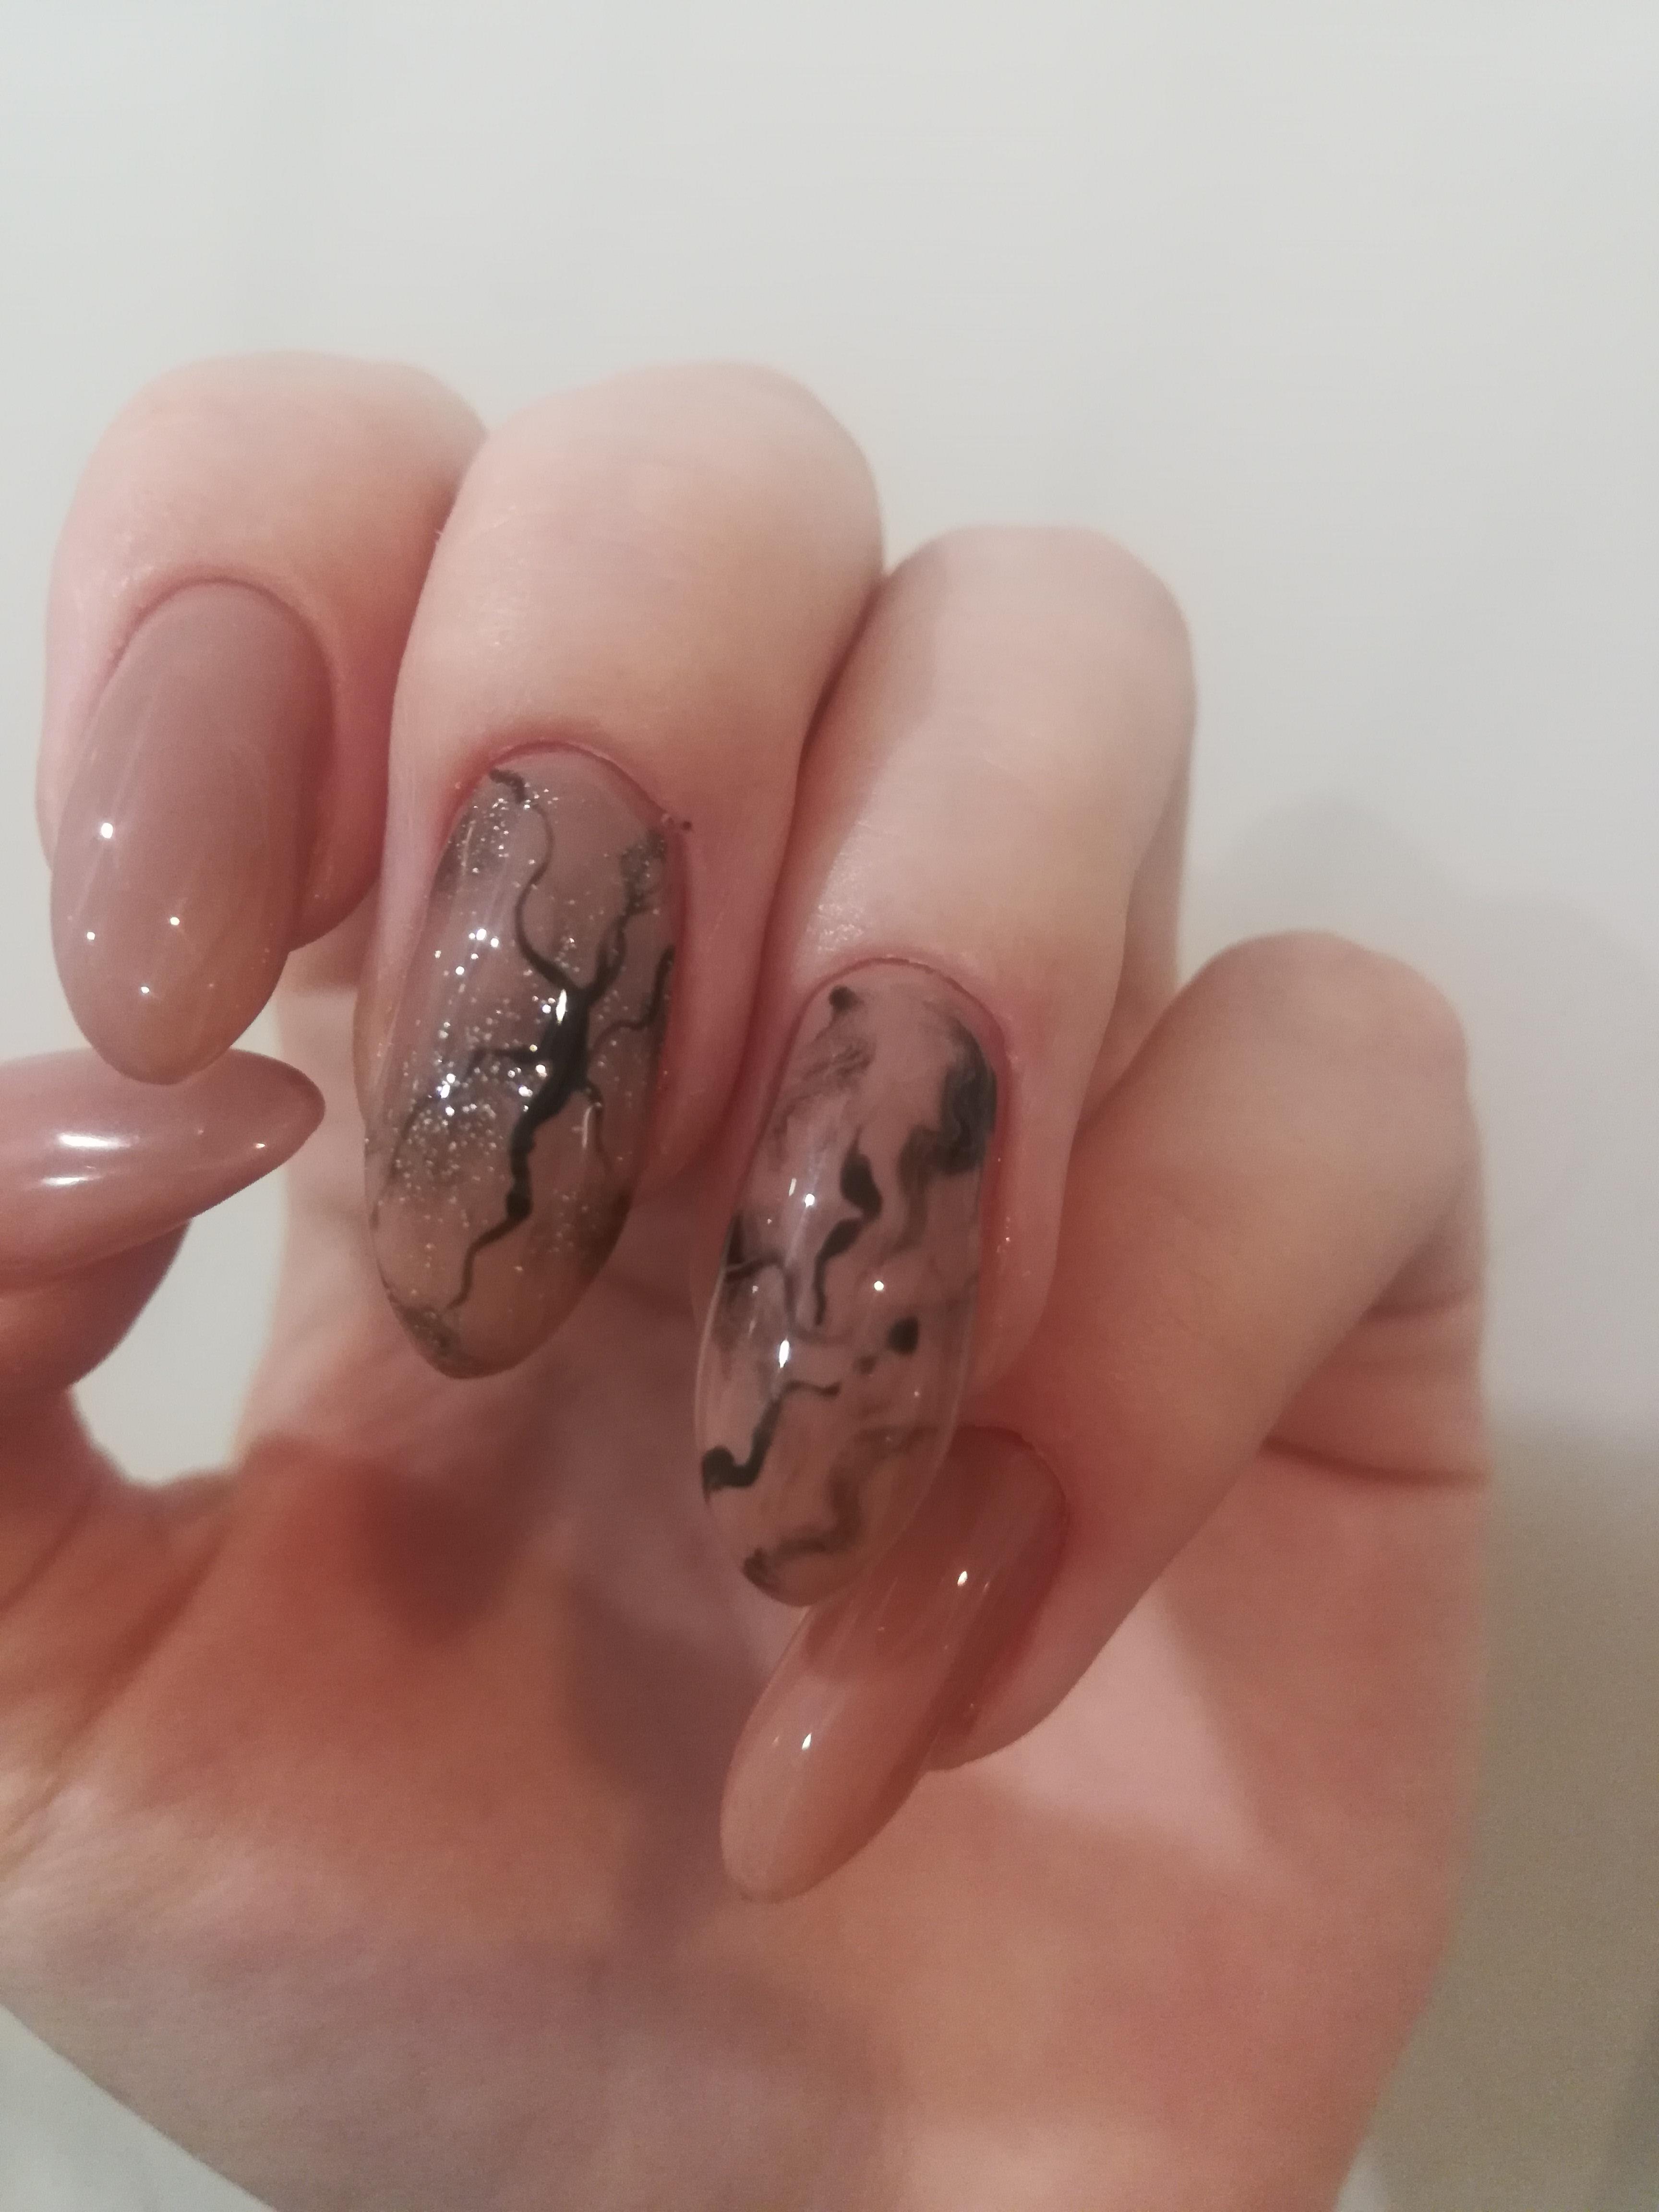 Маникюр с мраморным дизайном в бежевом цвете на длинные ногти.